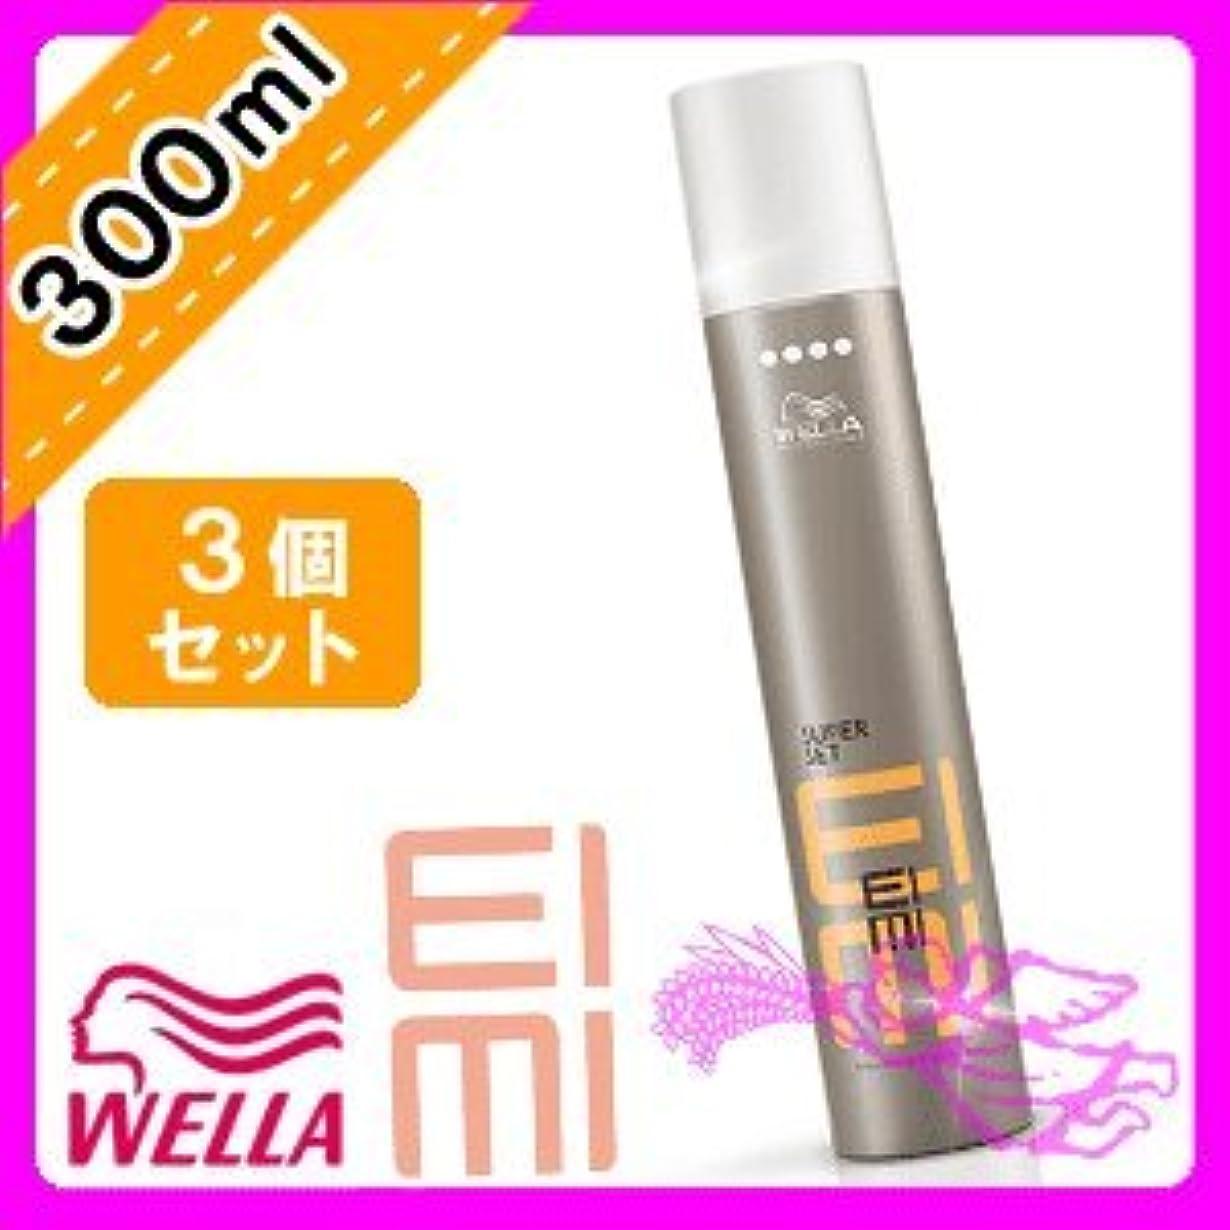 細部加速度送るウエラ EIMI(アイミィ) スーパーセットスプレー 300ml ×3個 セット WELLA P&G